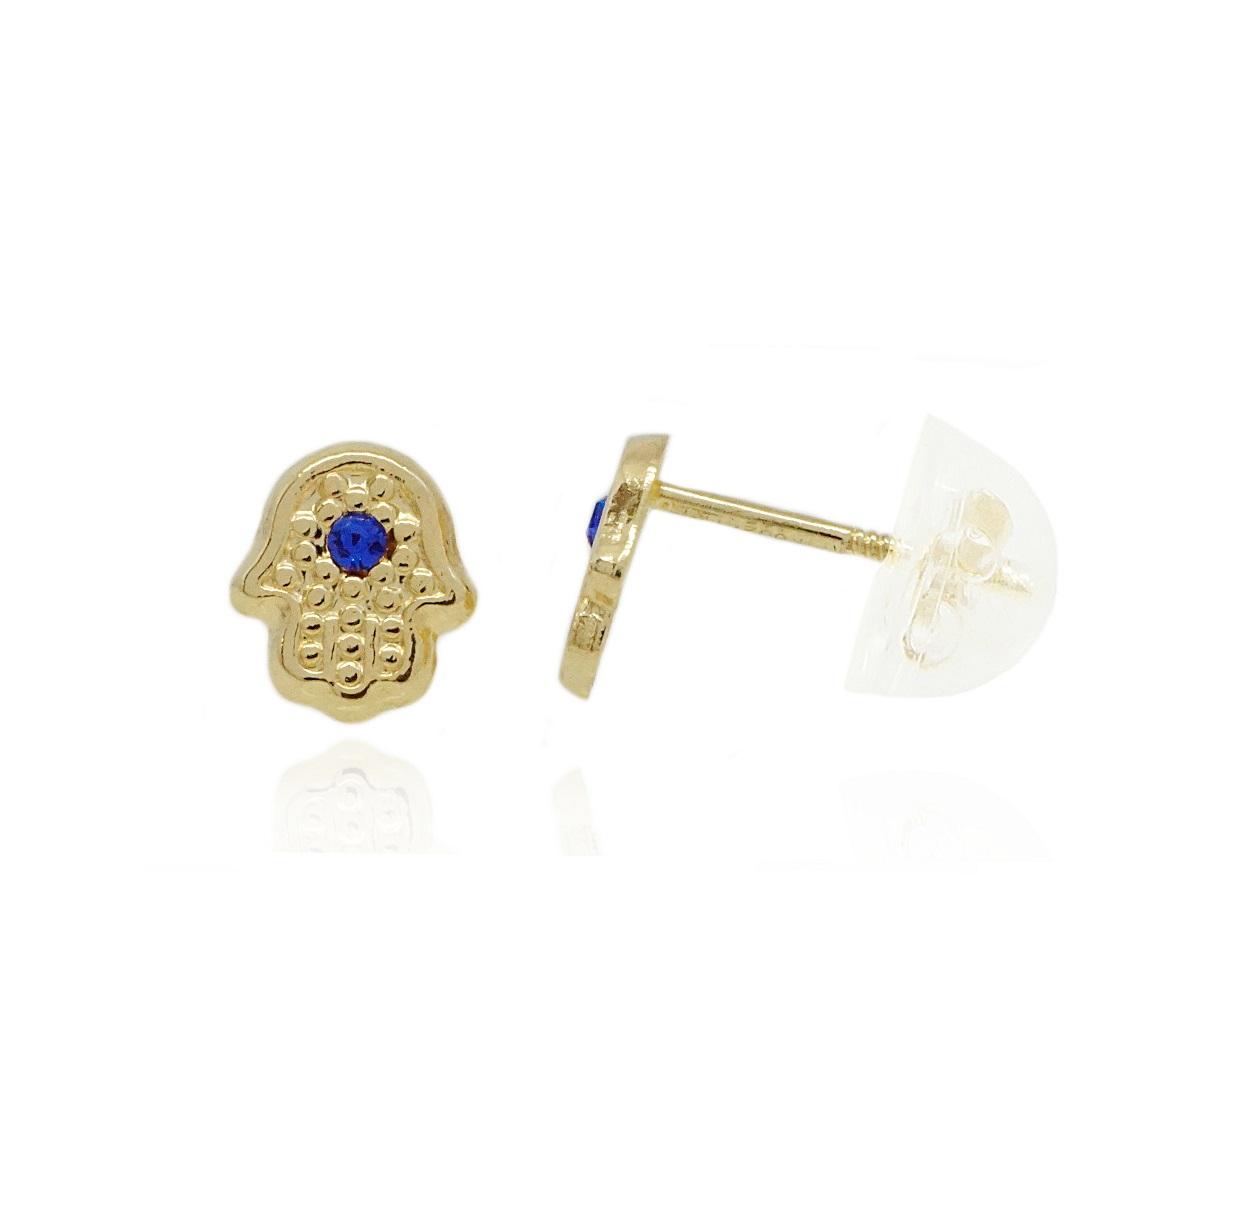 עגילי זהב 14 קראט בסגנון חמסה עם זרקונים כחולים